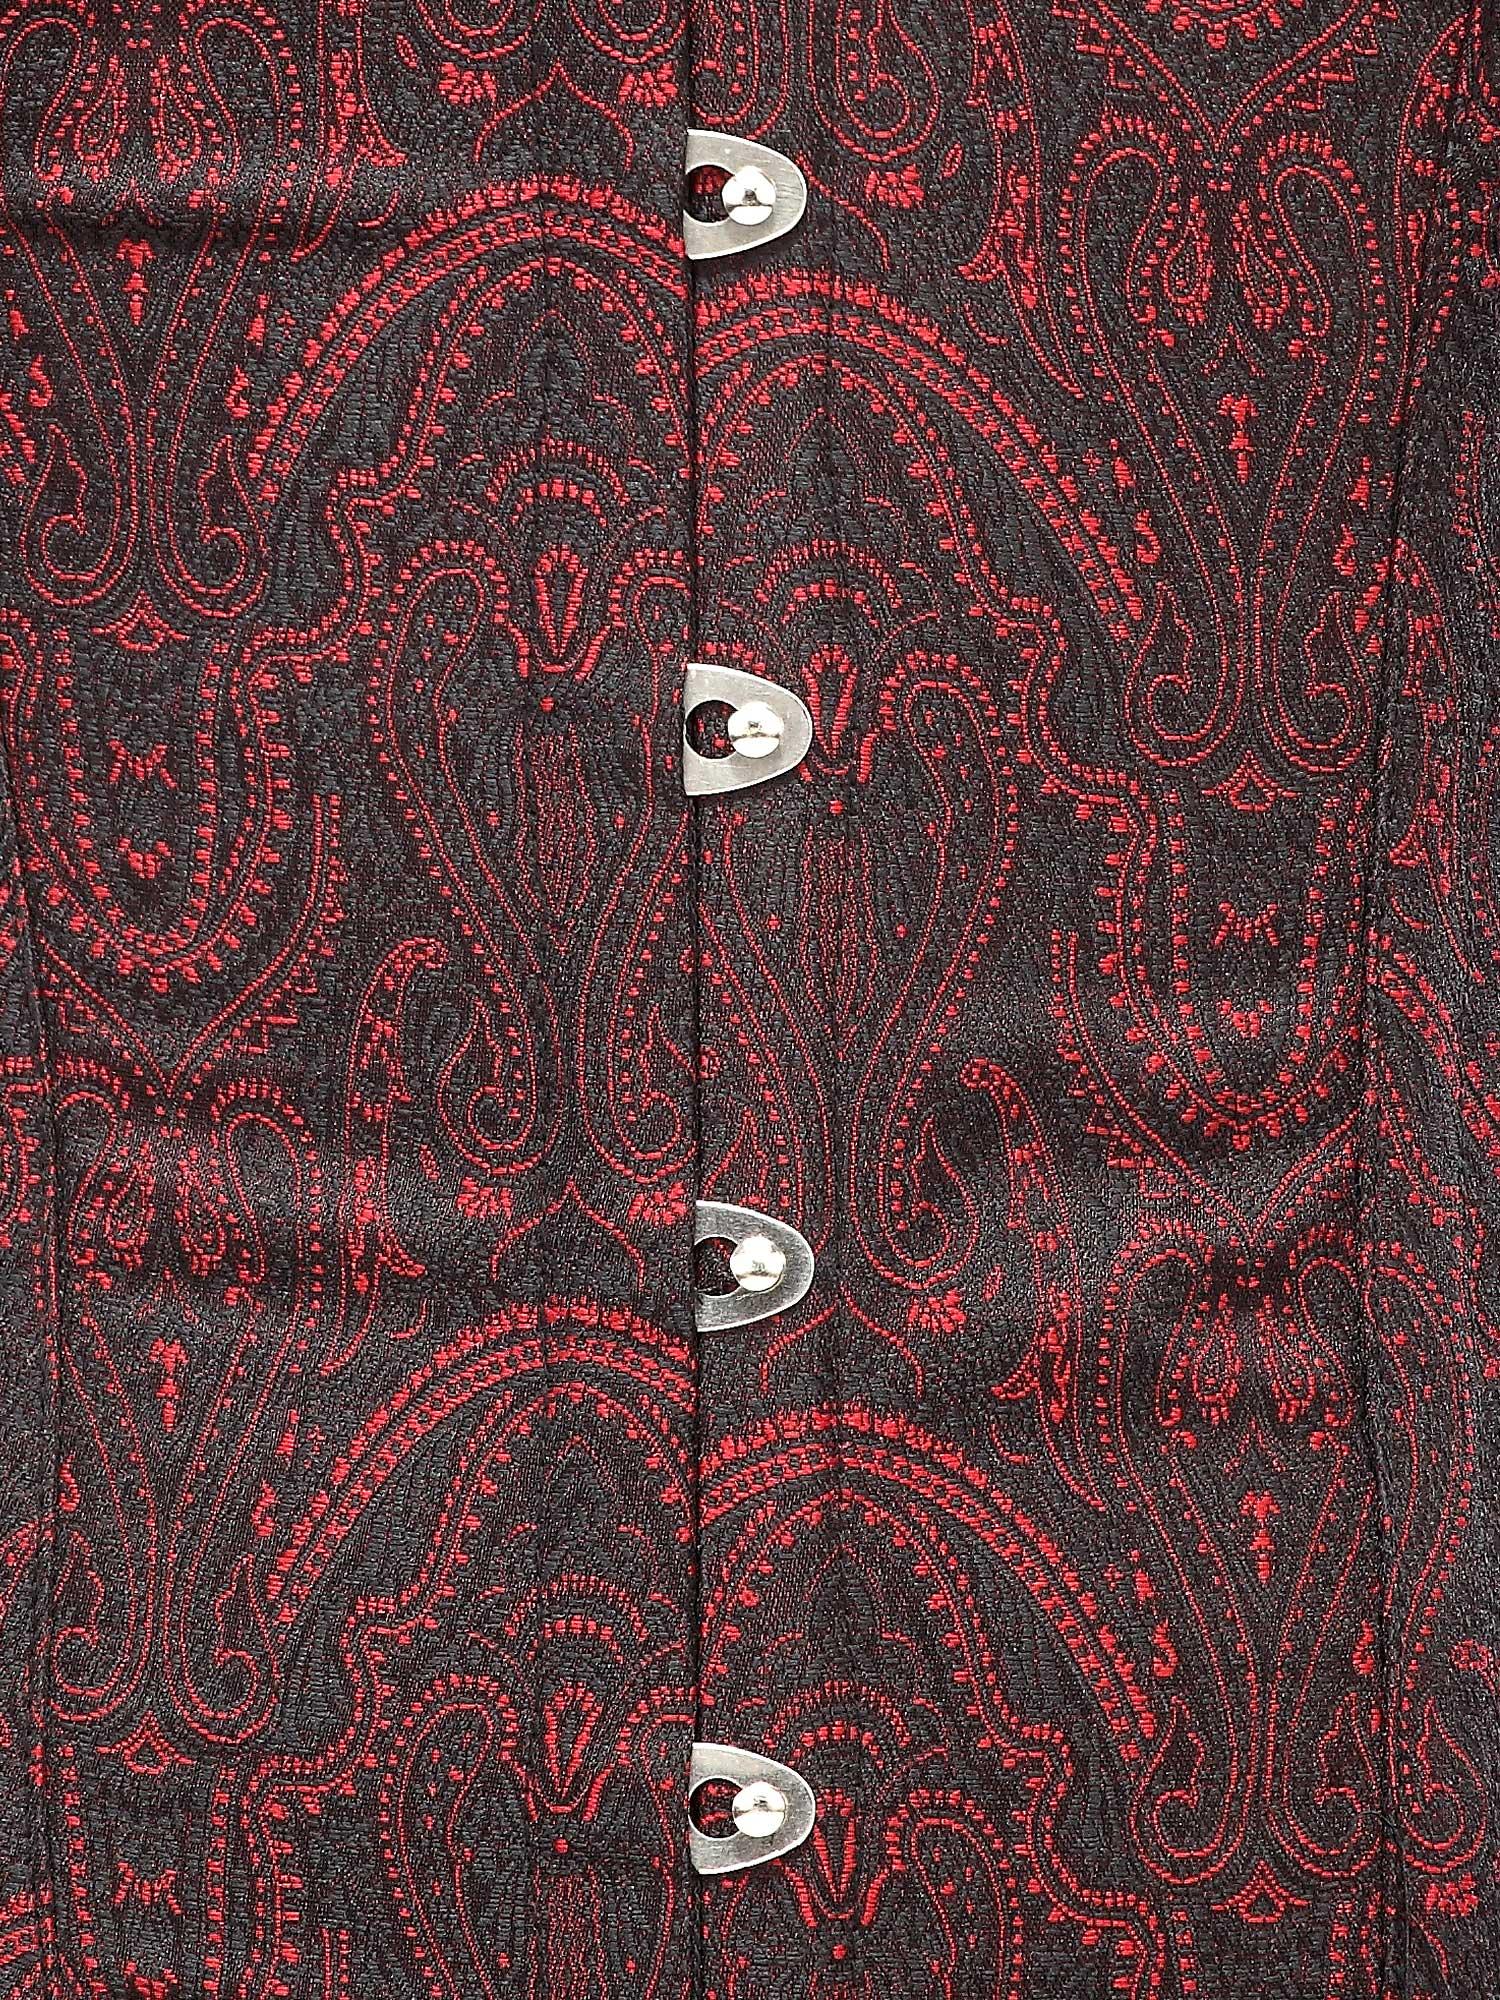 brown_ethnic_brocade_fabric_steel_boning_corset_waist_cincher_bustier_bustiers_and_corsets_2.jpg